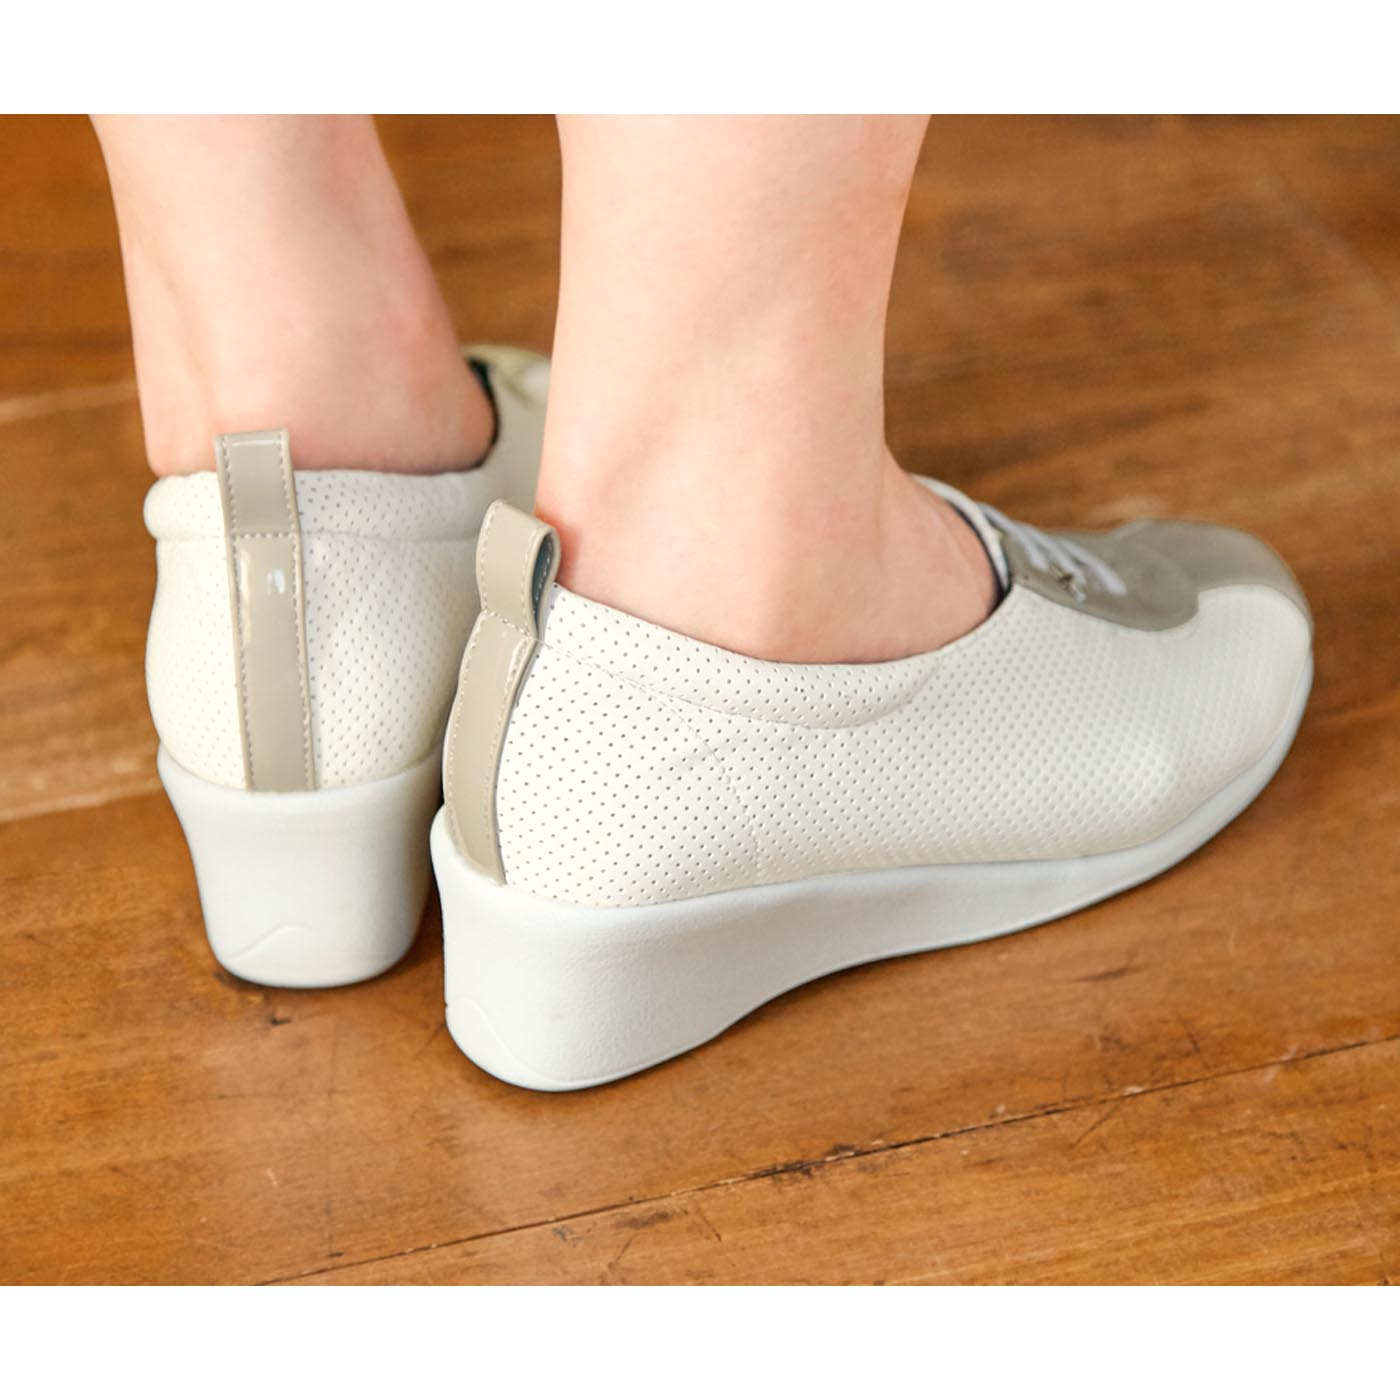 軽量ヒールで、カジュアルな装いの日もすらりとスタイルアップ。脚長効果も◎。